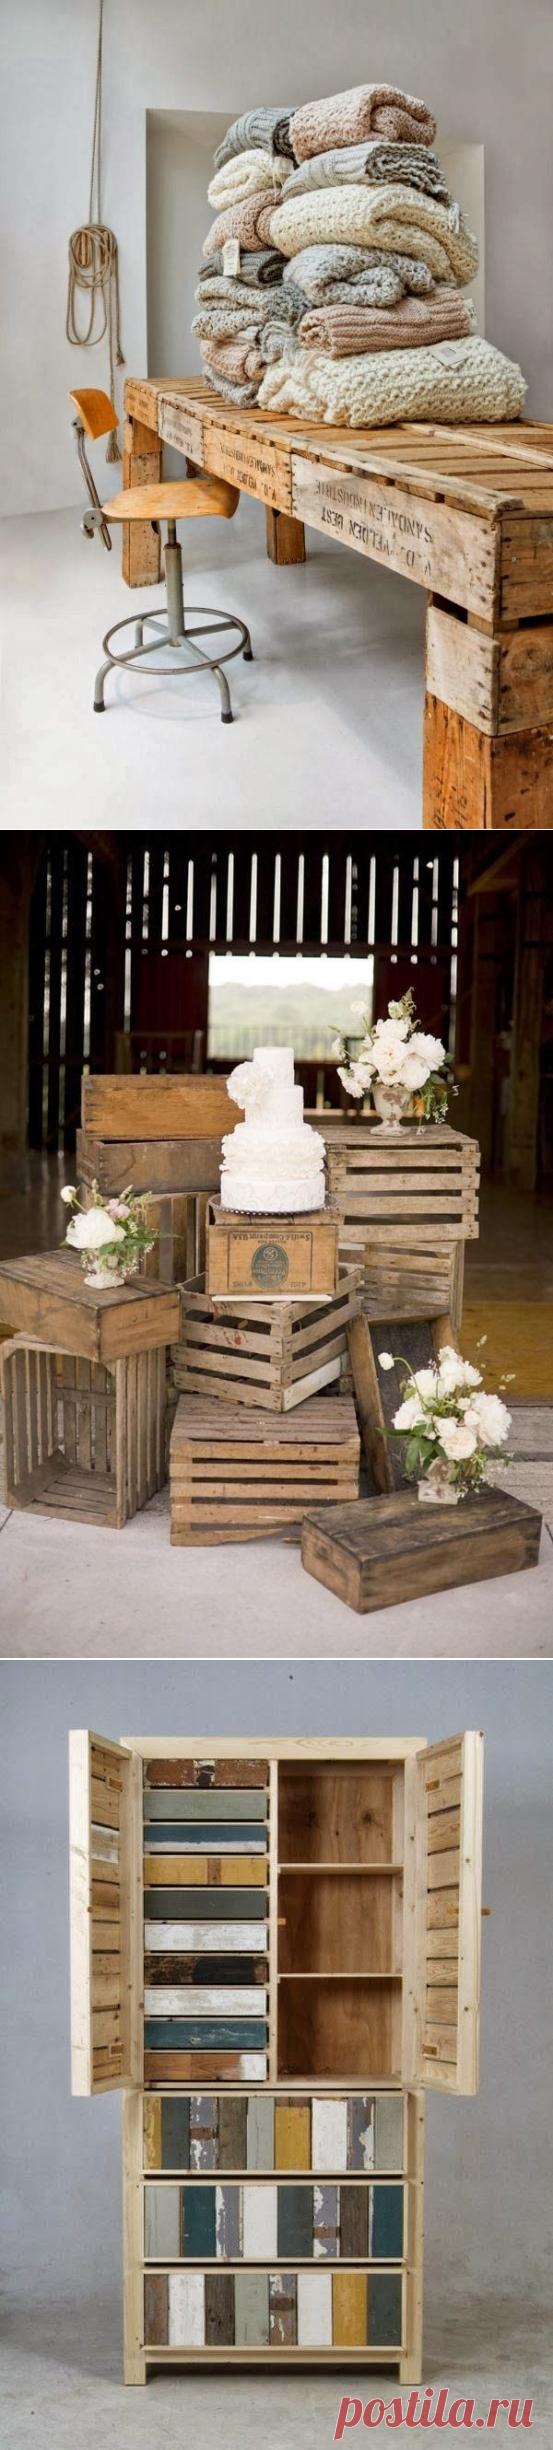 Оригинальные идеи мебели из старой древесины